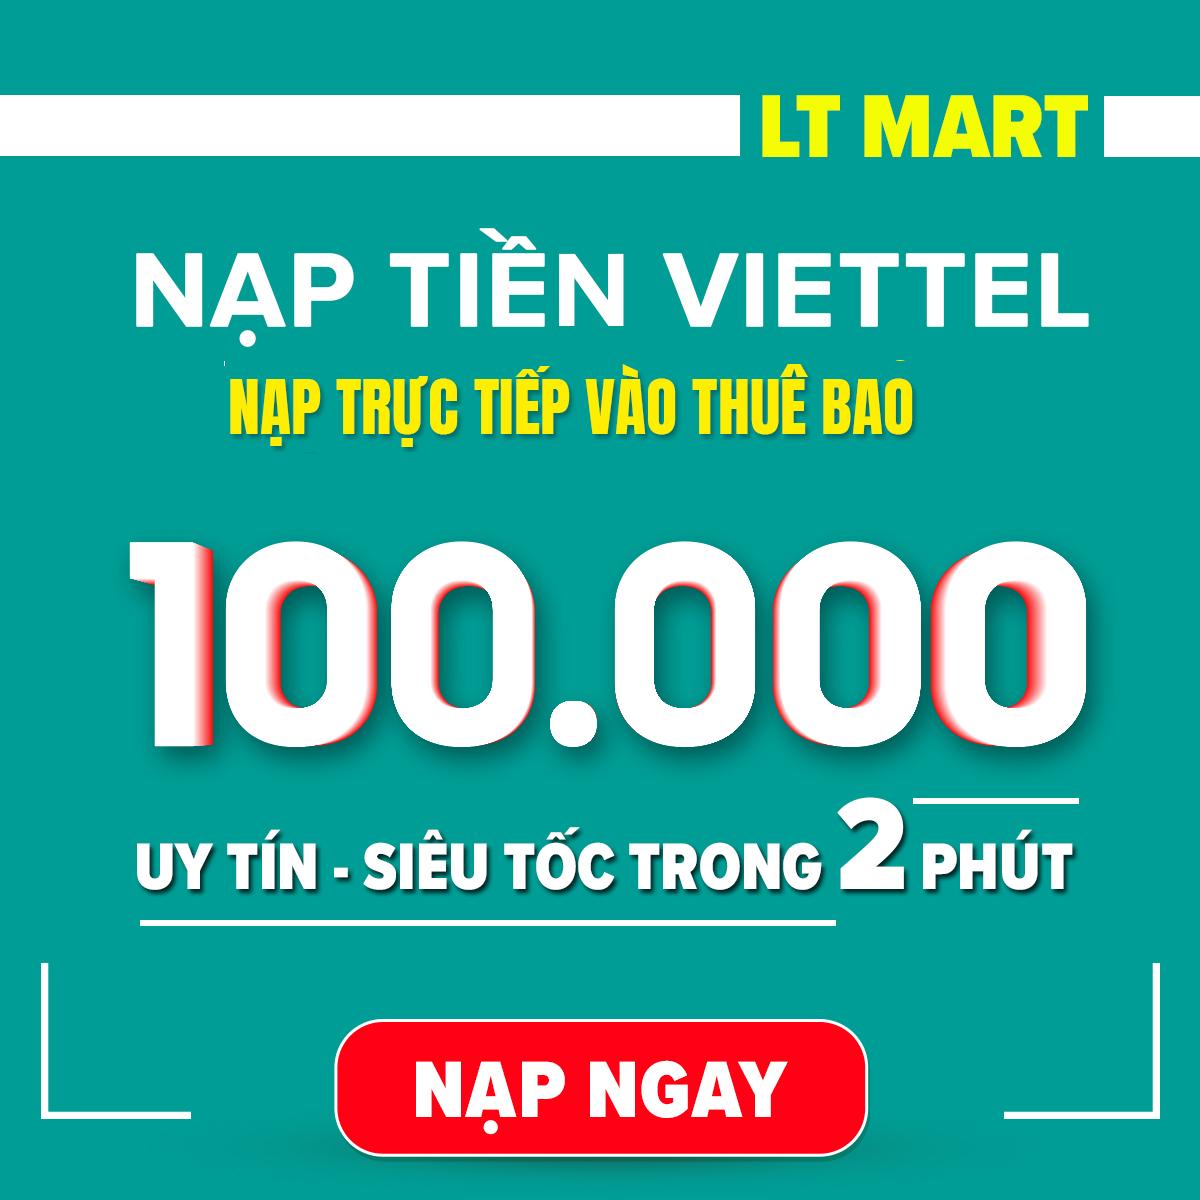 [HCM]Nạp tiền Viettel 100.000 (Nạp tiền trực tiếp vào thuê bao trả trướctrả sau Viettel).Nạp tiền điện thoại LTmart - Uy tín thao tác nhanh chóng